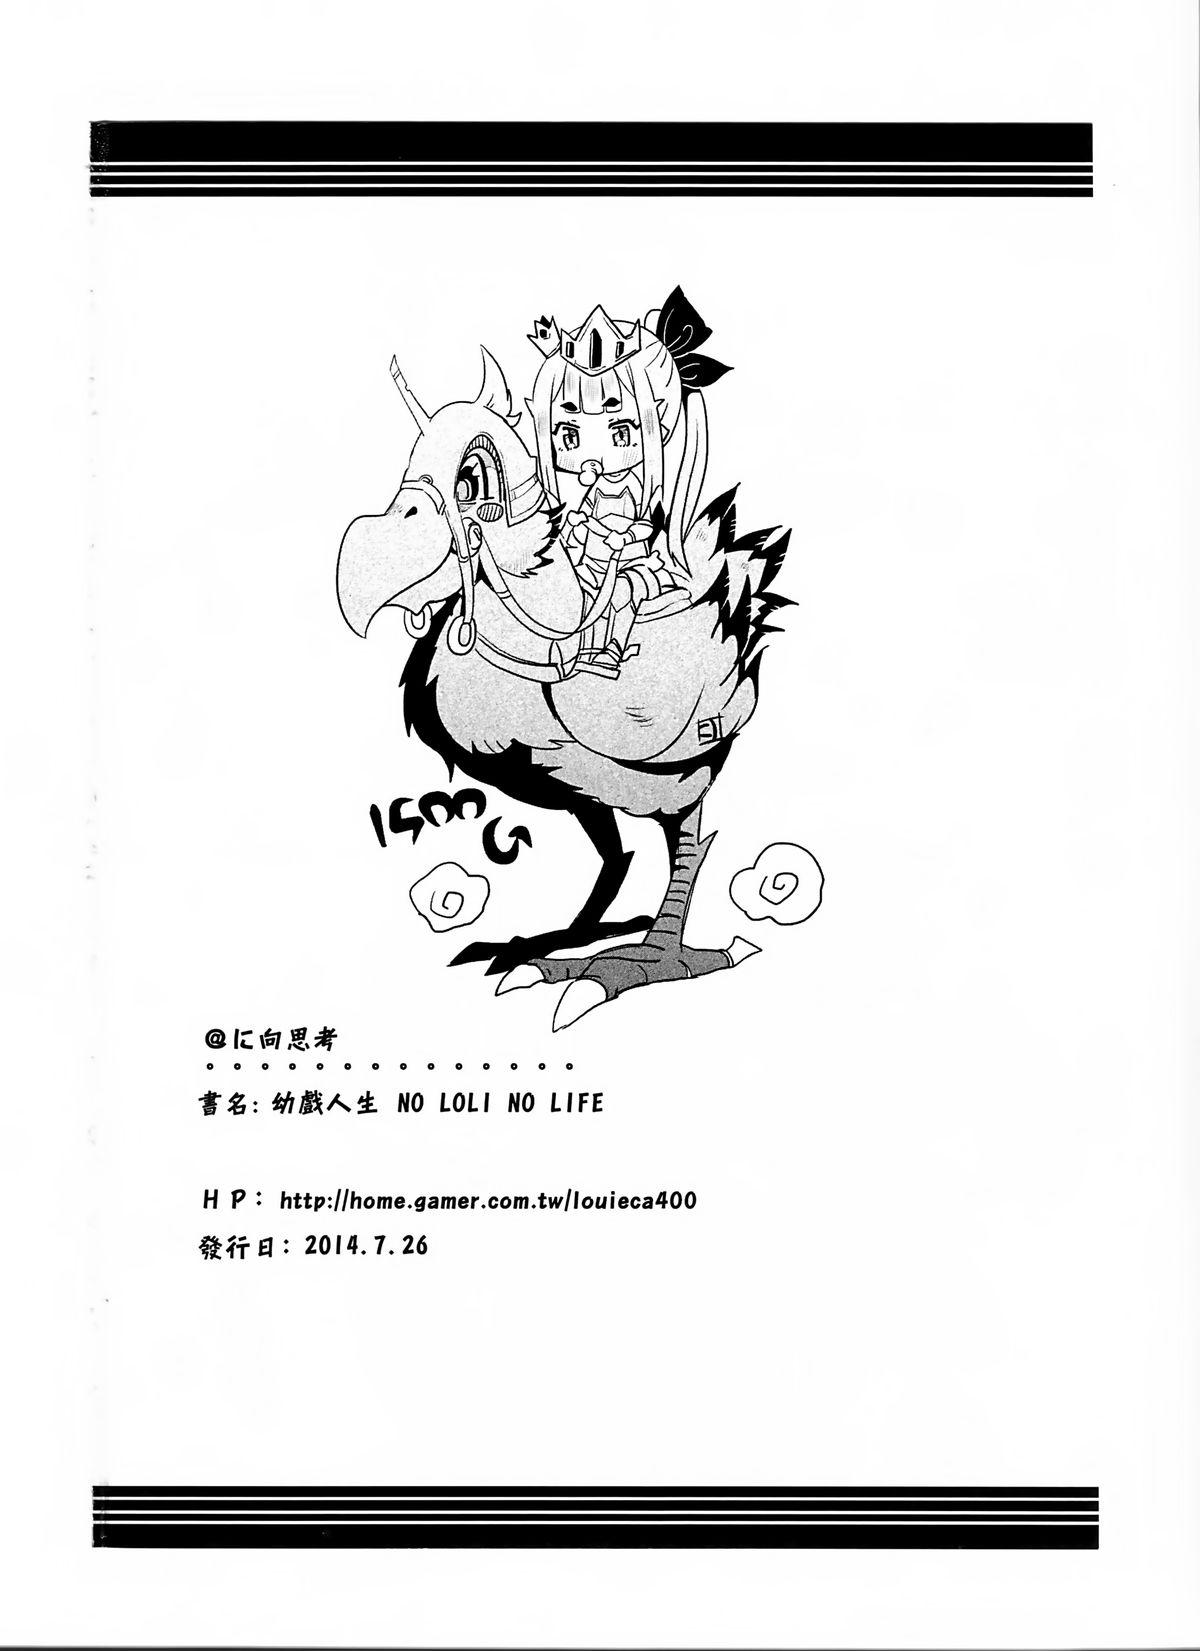 Yougi Jinsei - No Loli No Life 21